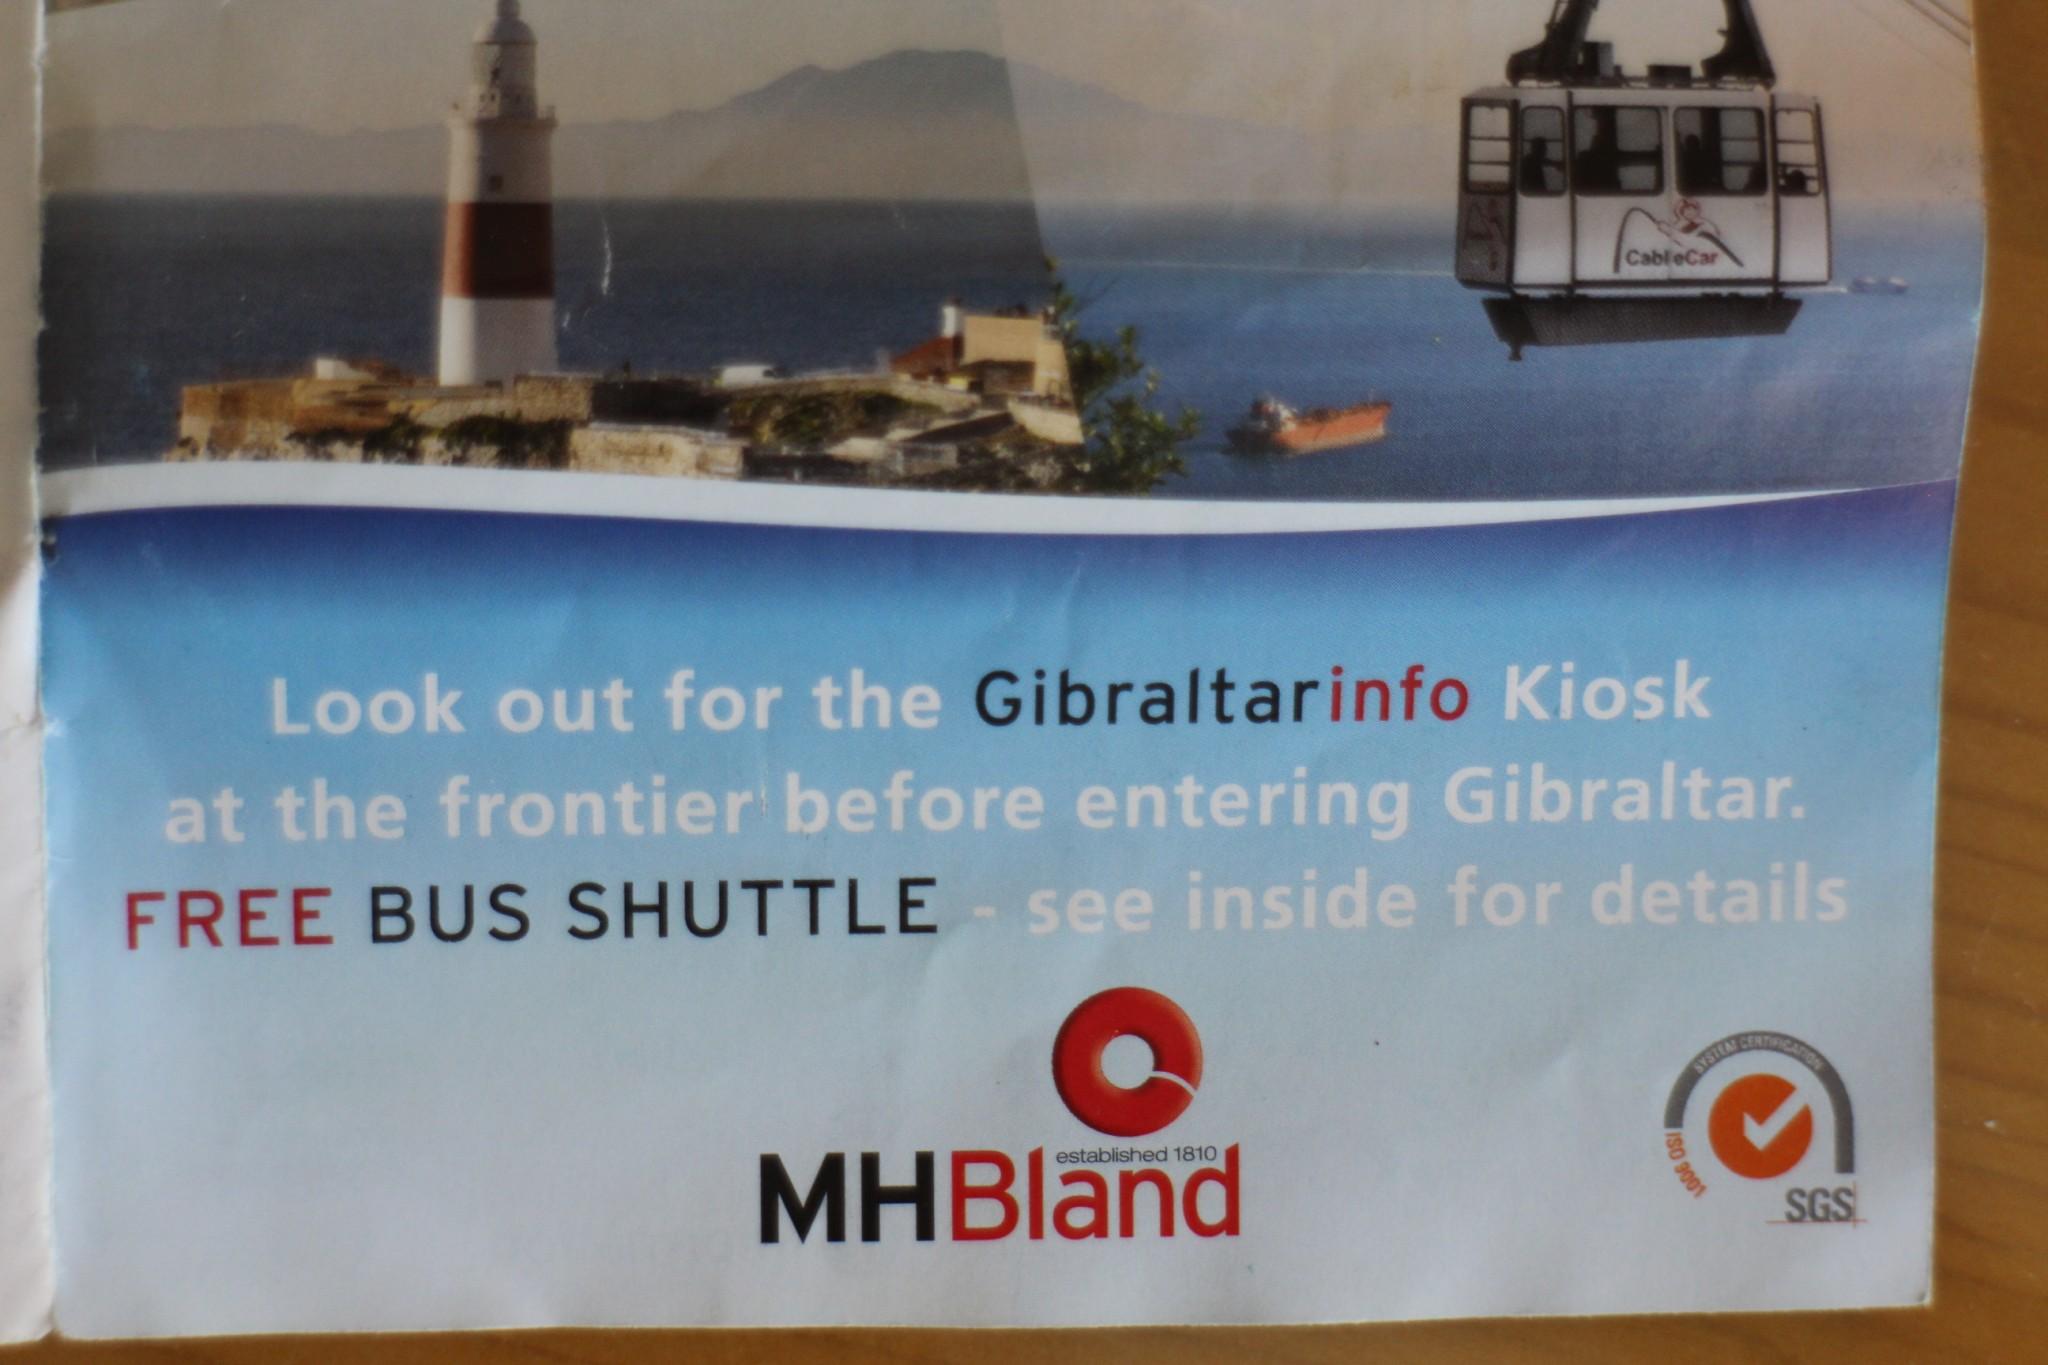 Gibraltarinfo